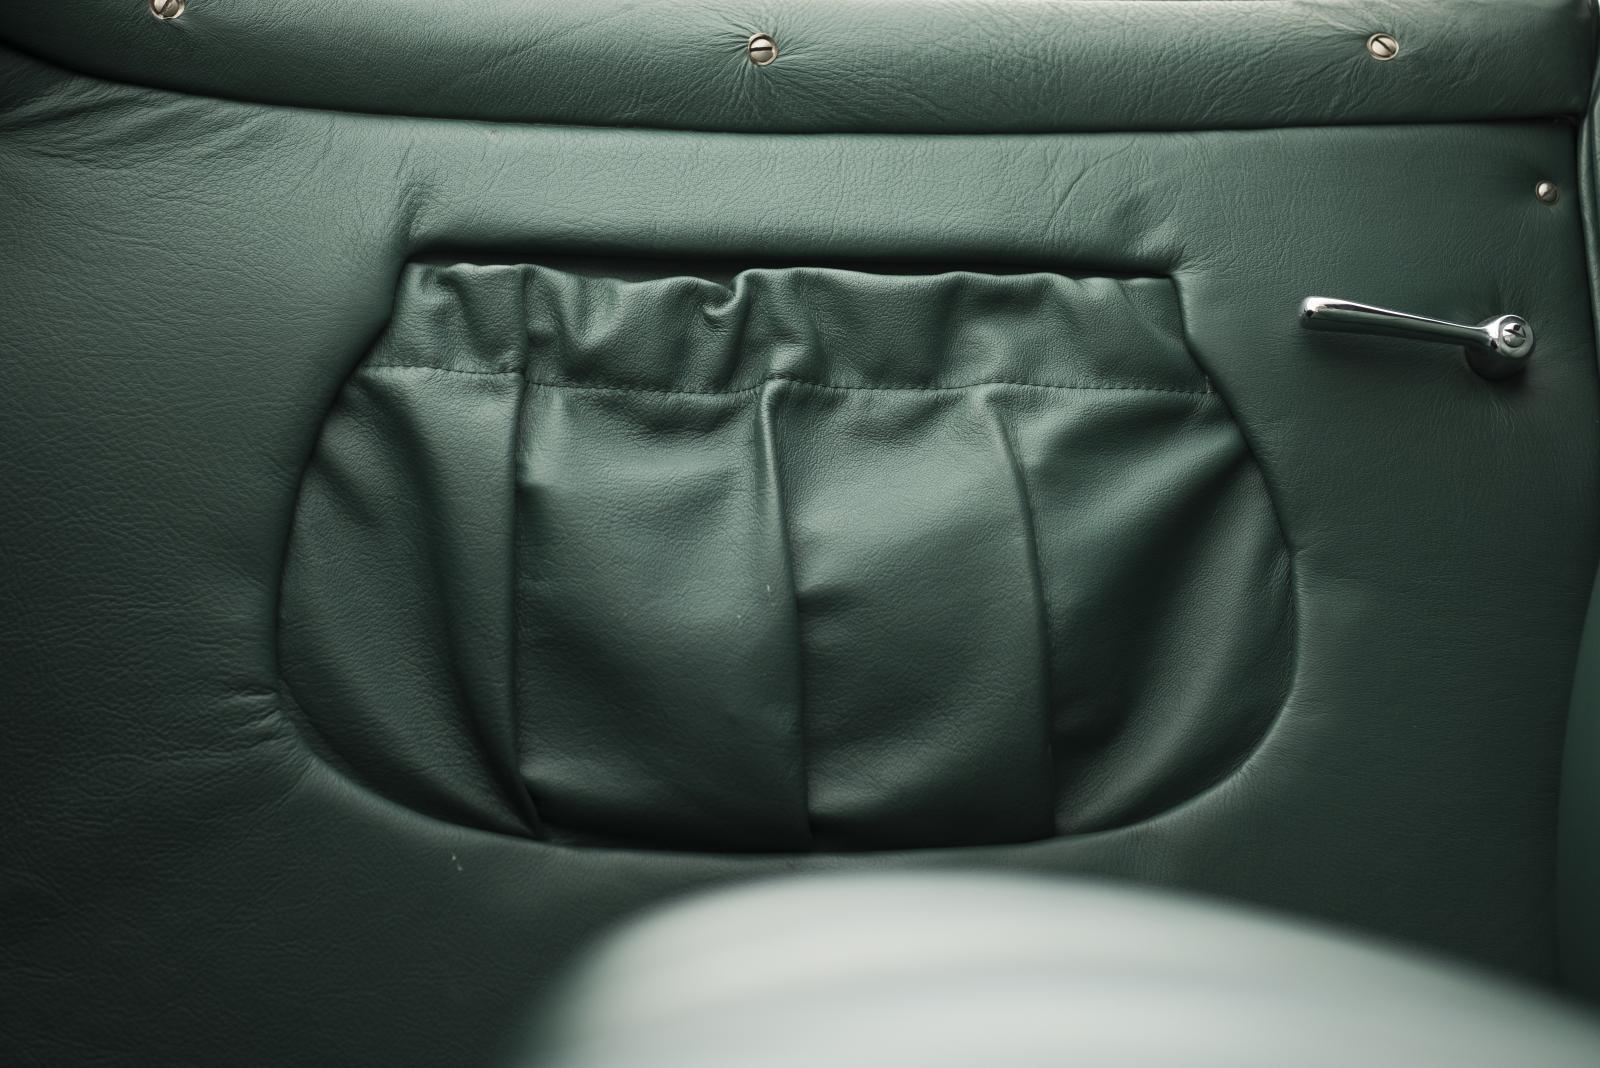 C4G Roadster - compartimento em couro